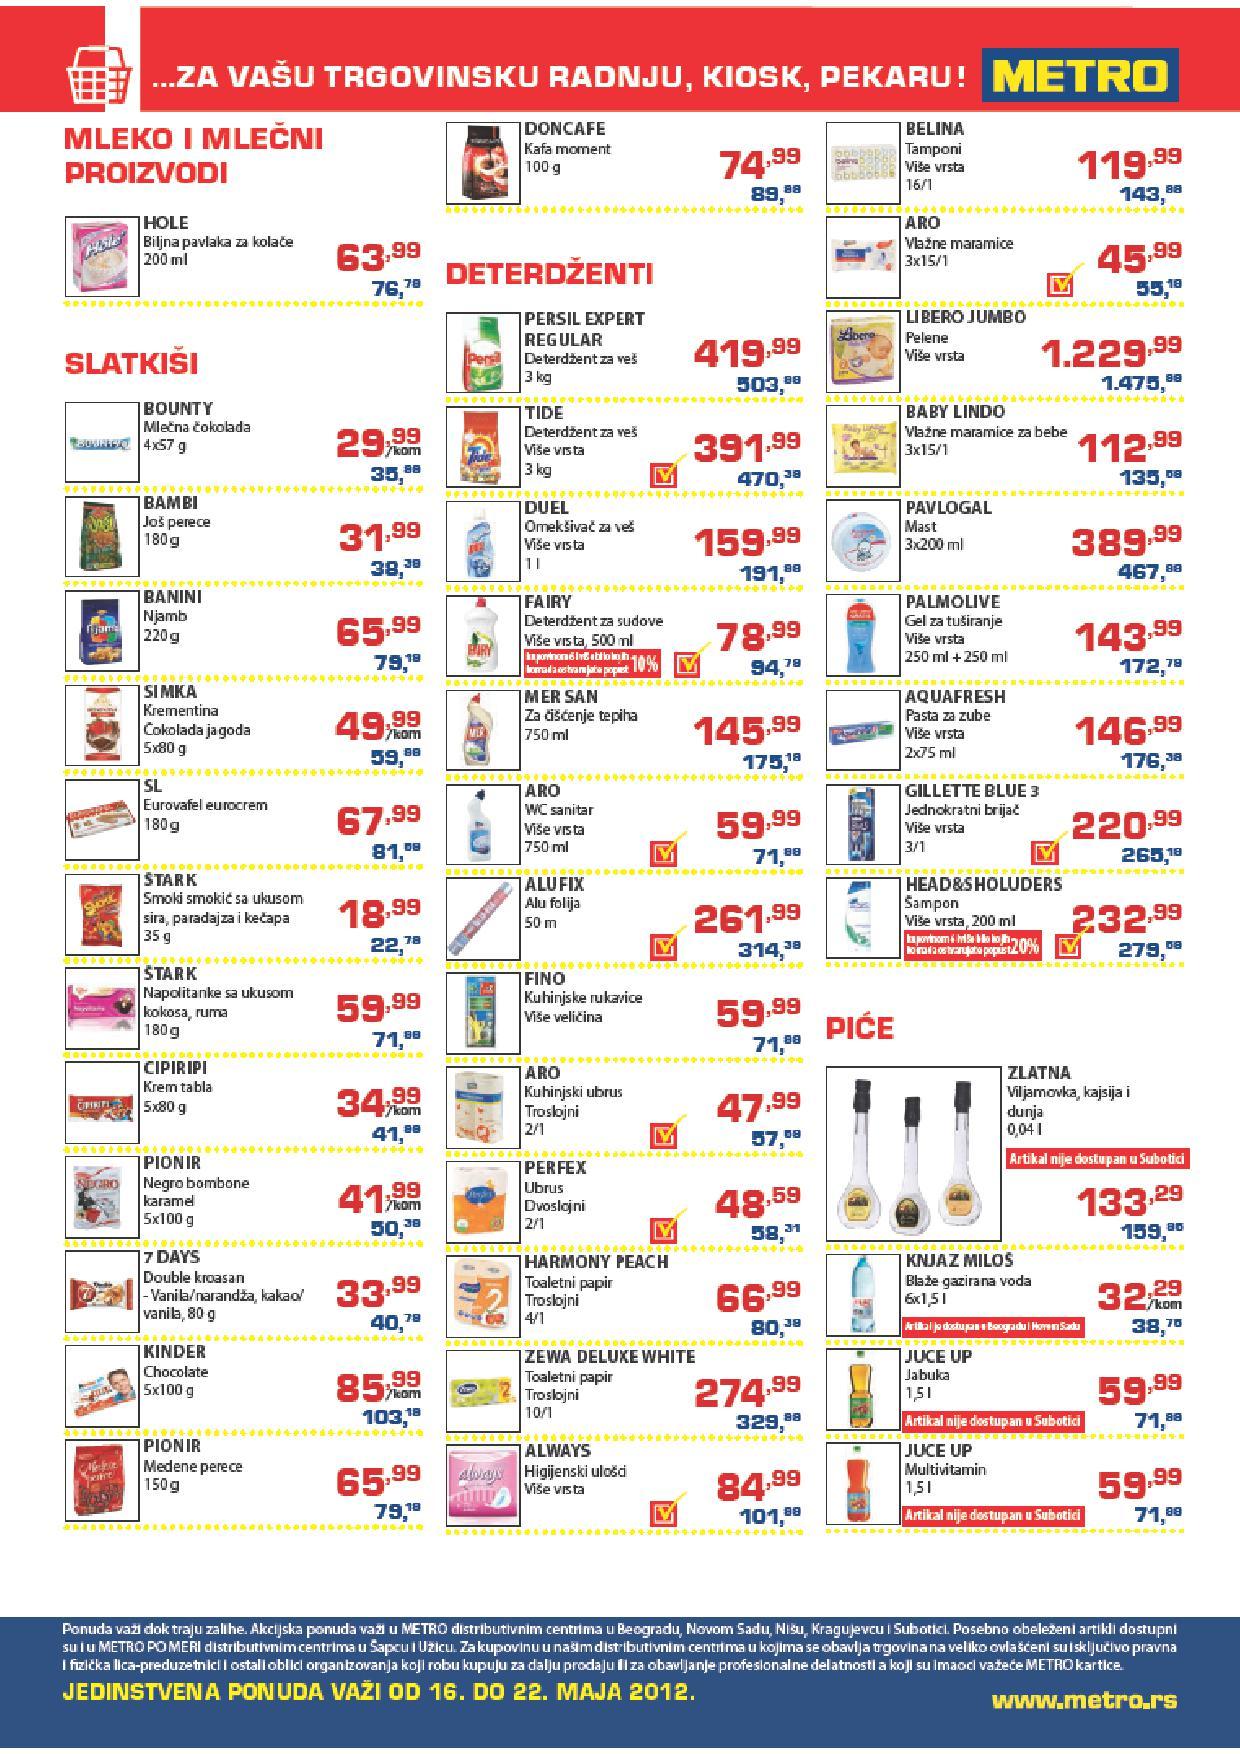 Metro, Katalog trgovci po najpovoljnijim cenama